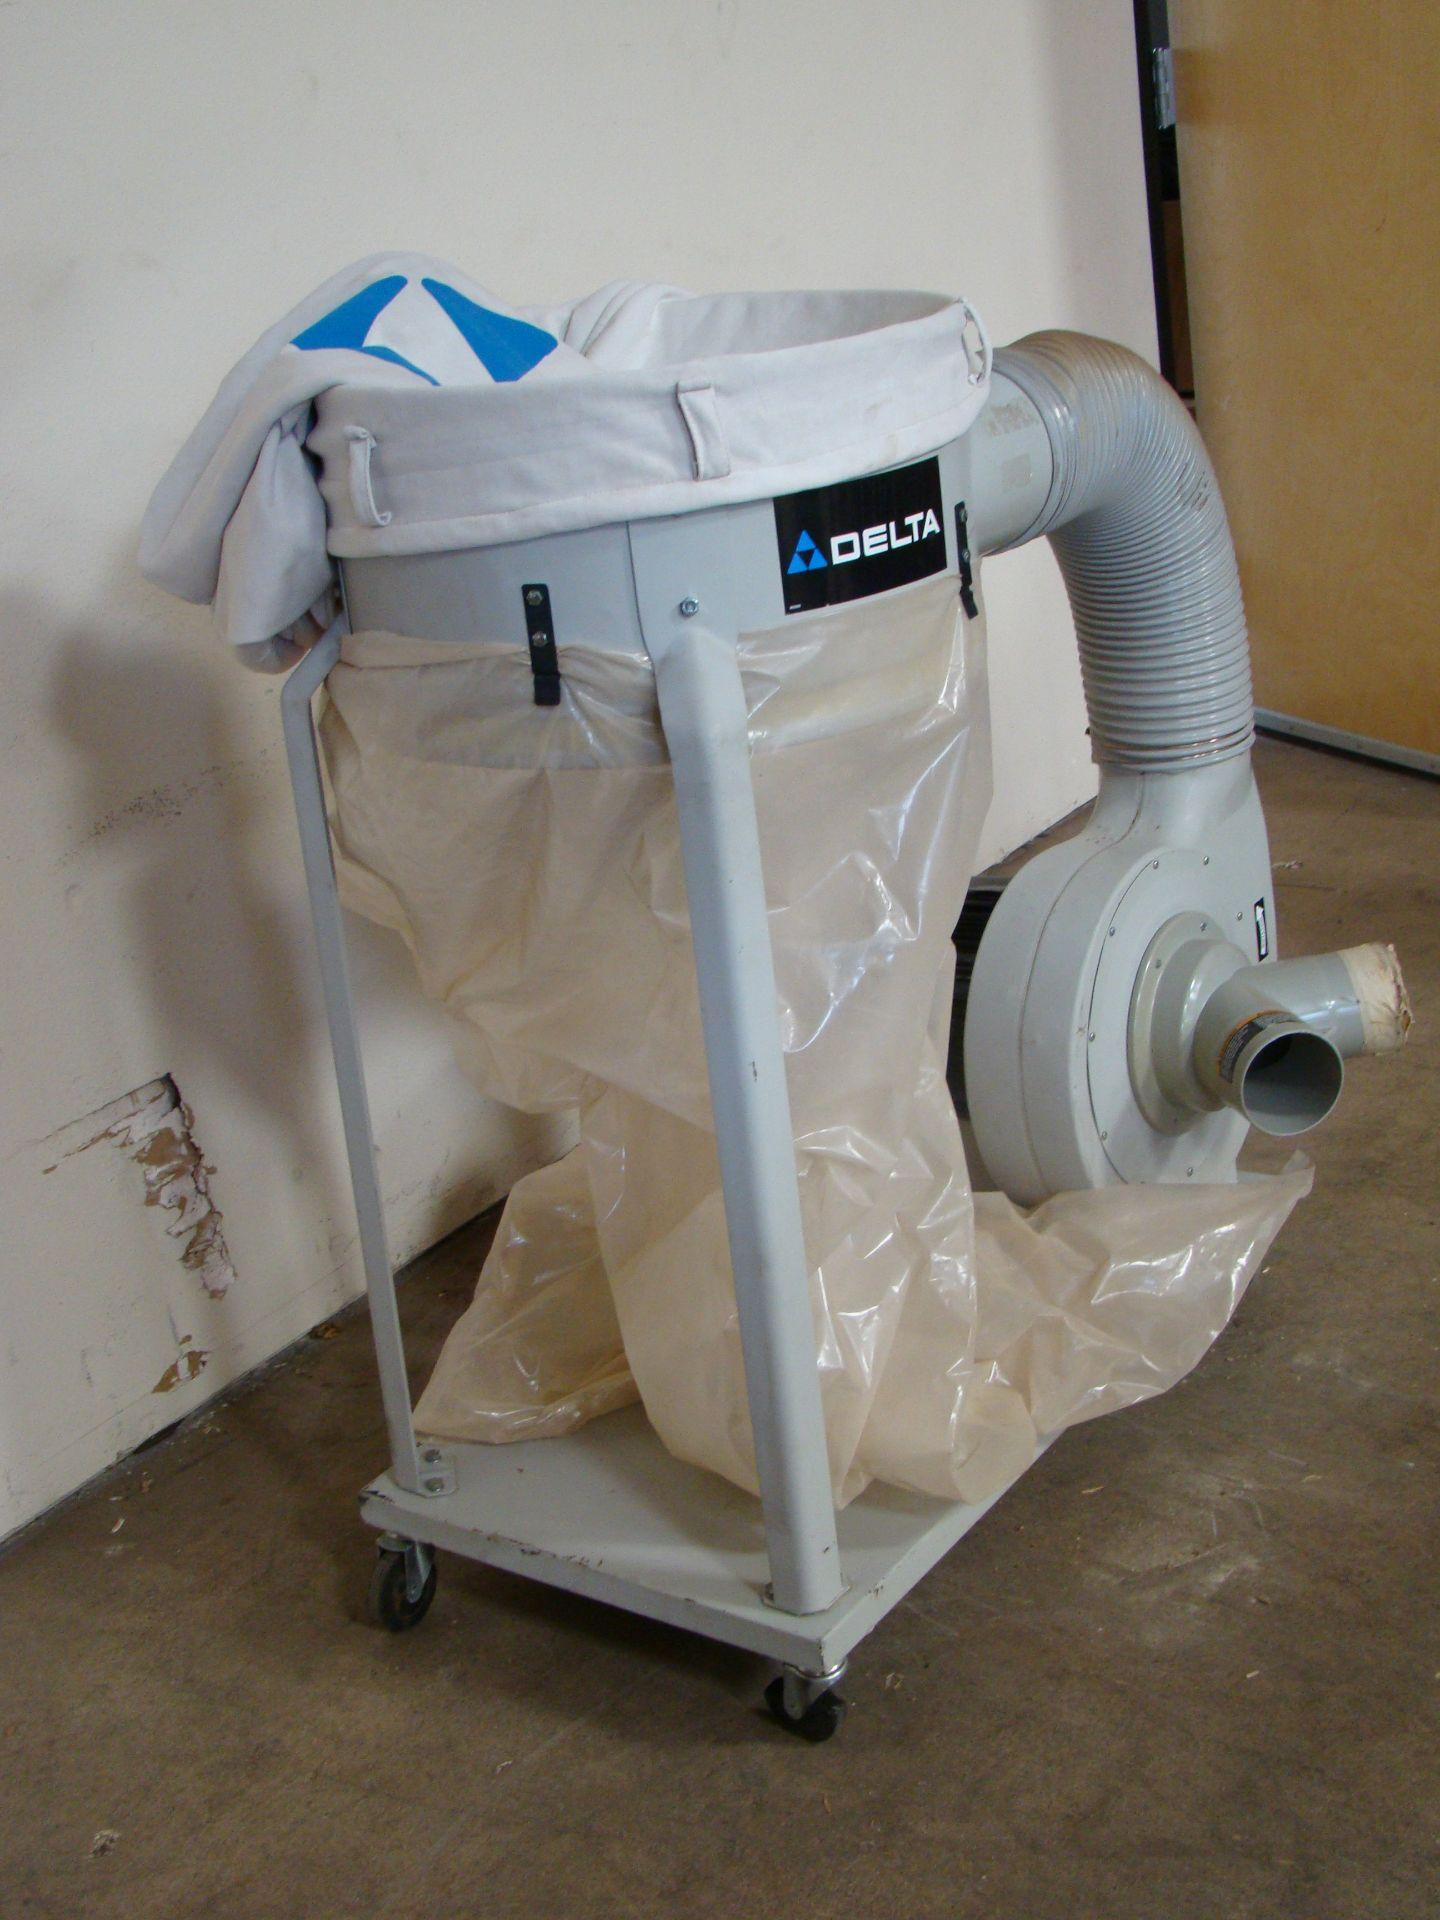 Lot 27 - Delta Dust Collector Model 50-850 1200 CFM 1.5 HP 115 Volt 1PH